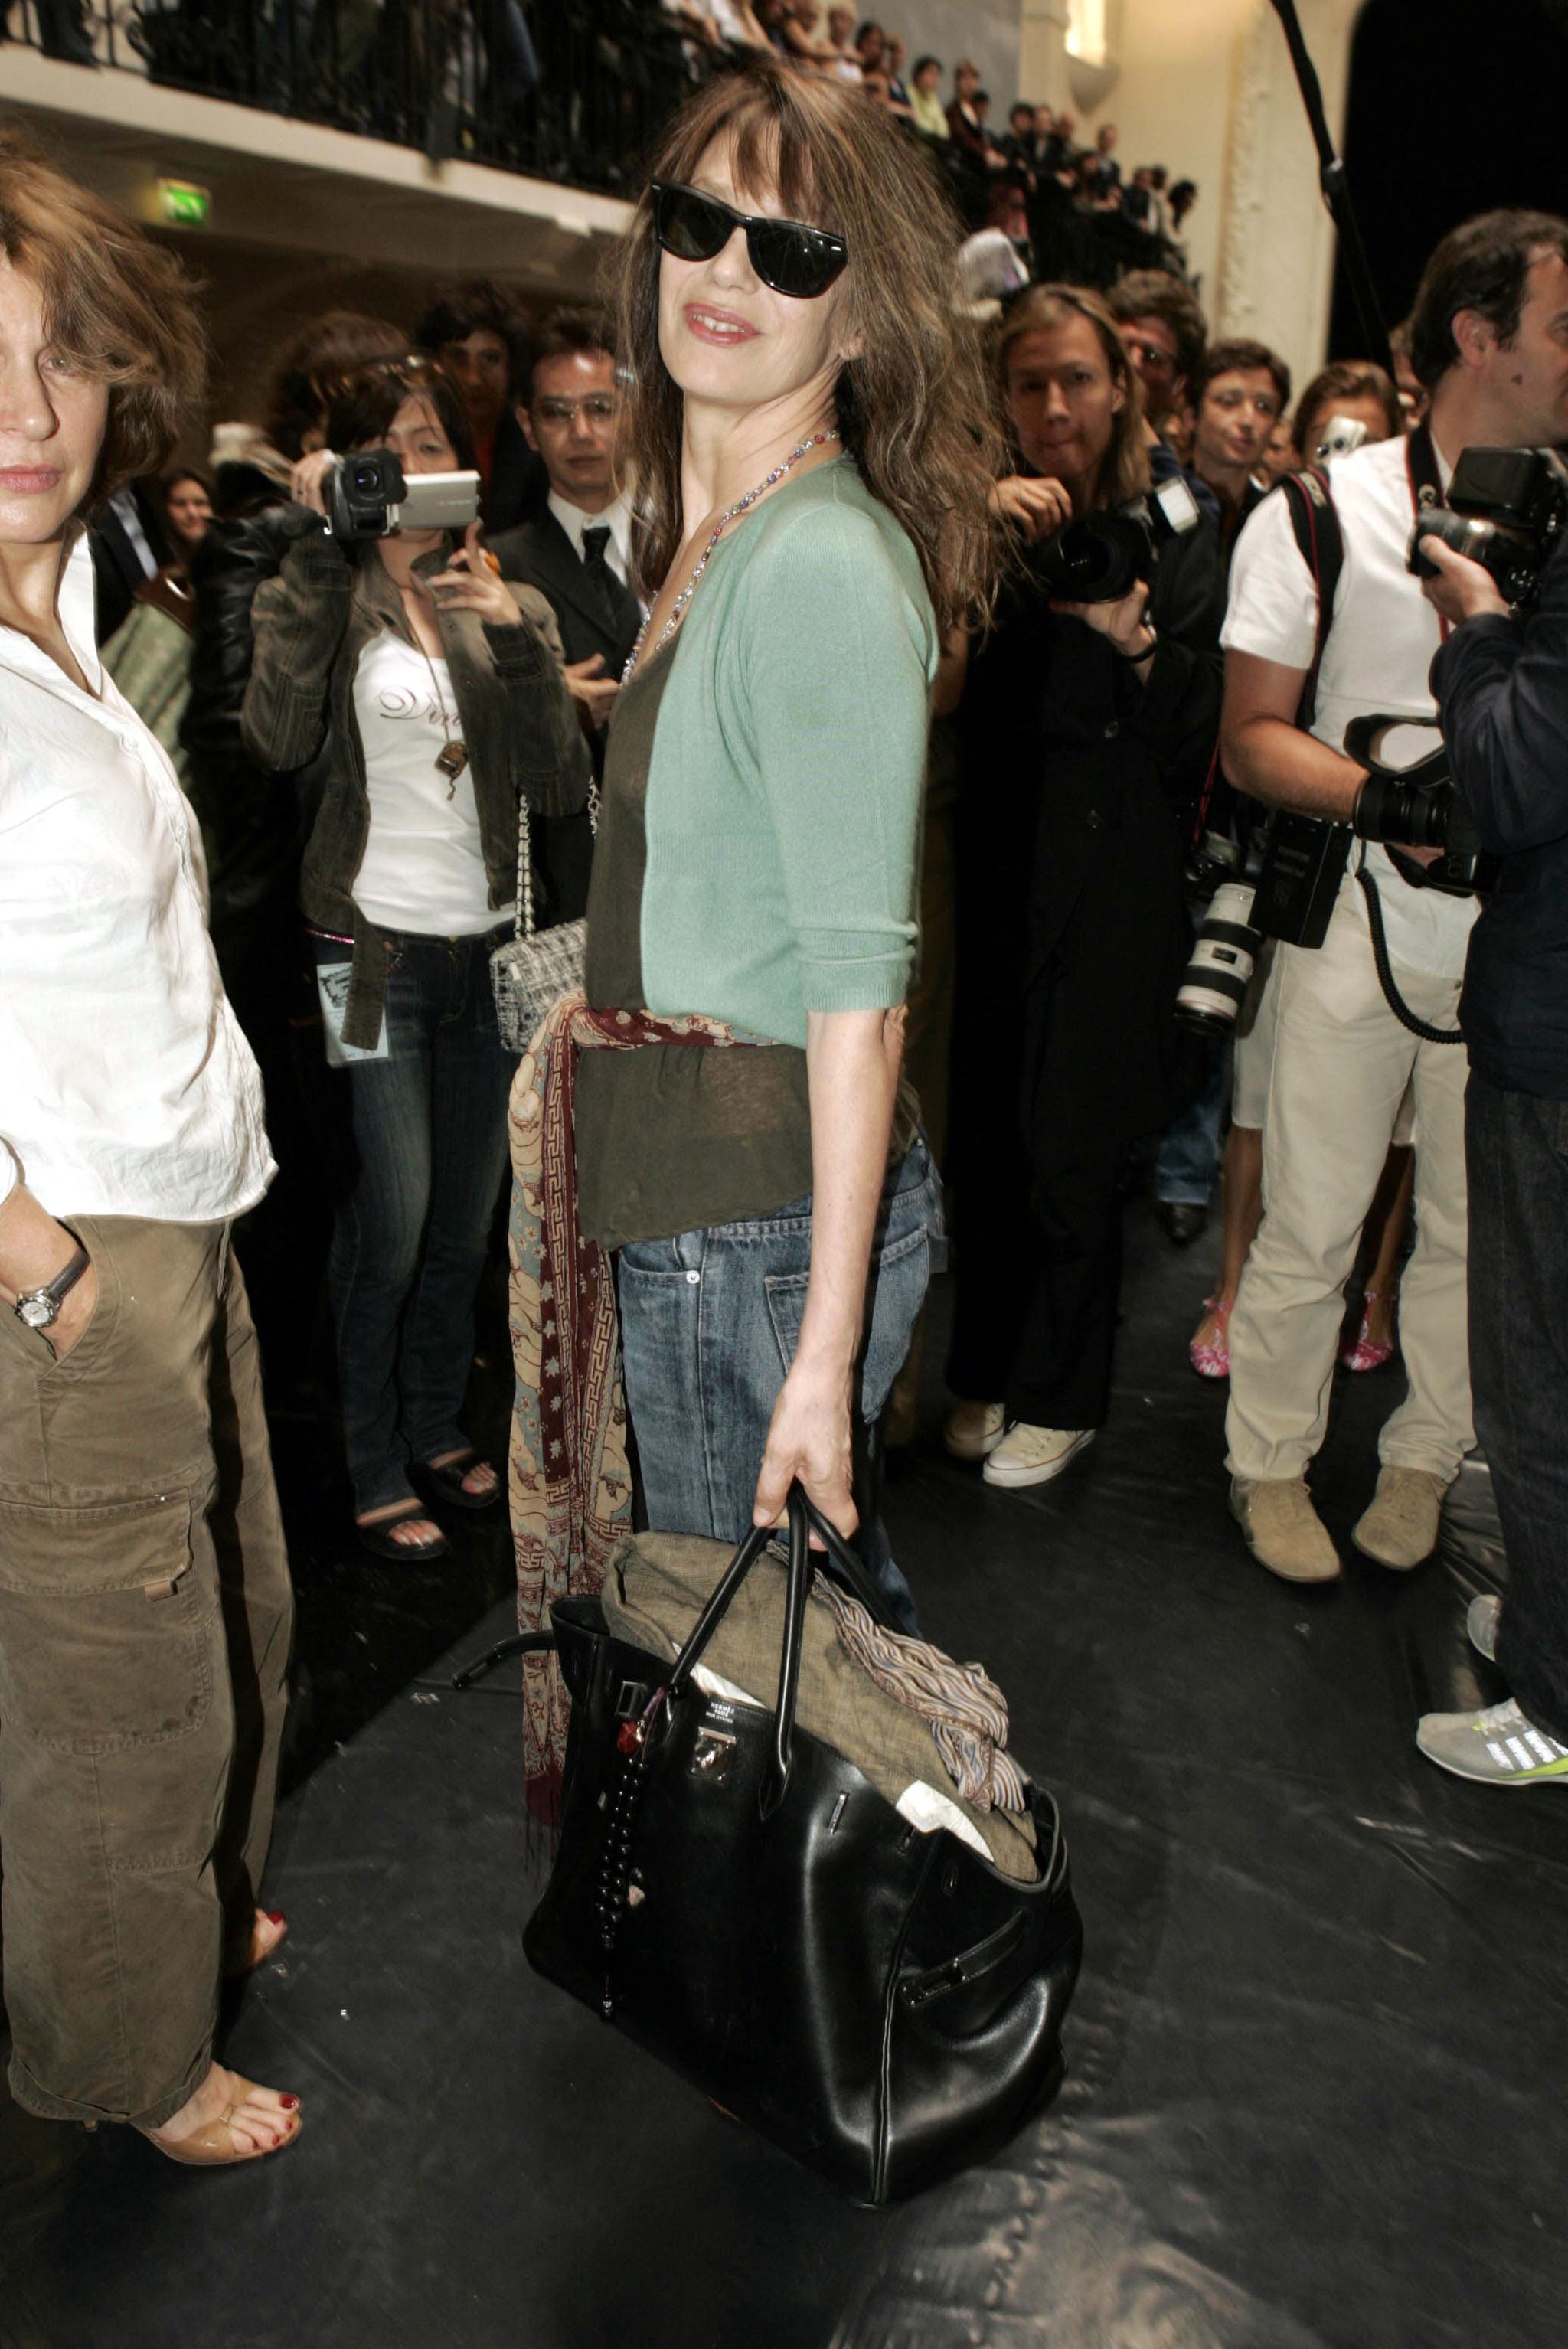 Jane Birkin acudiendo al desfile de Jean Paul Gaultier en París en 2004 con el bolso de Hermès que ella misma ayudo a diseñar.